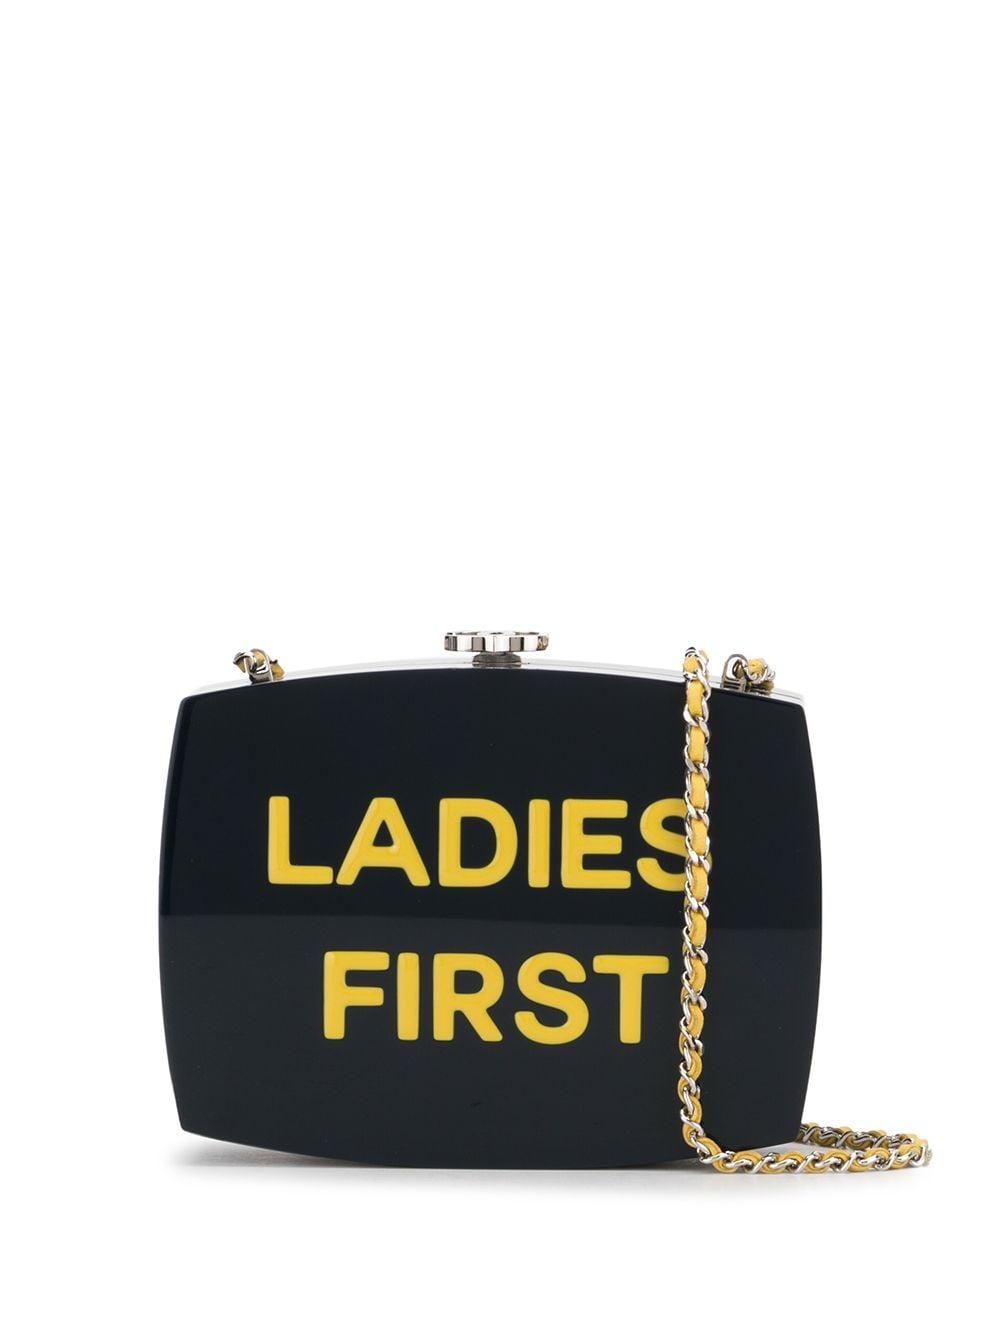 Chanel Pre-Owned 2015 Ladies First Umhängetasche - Blau